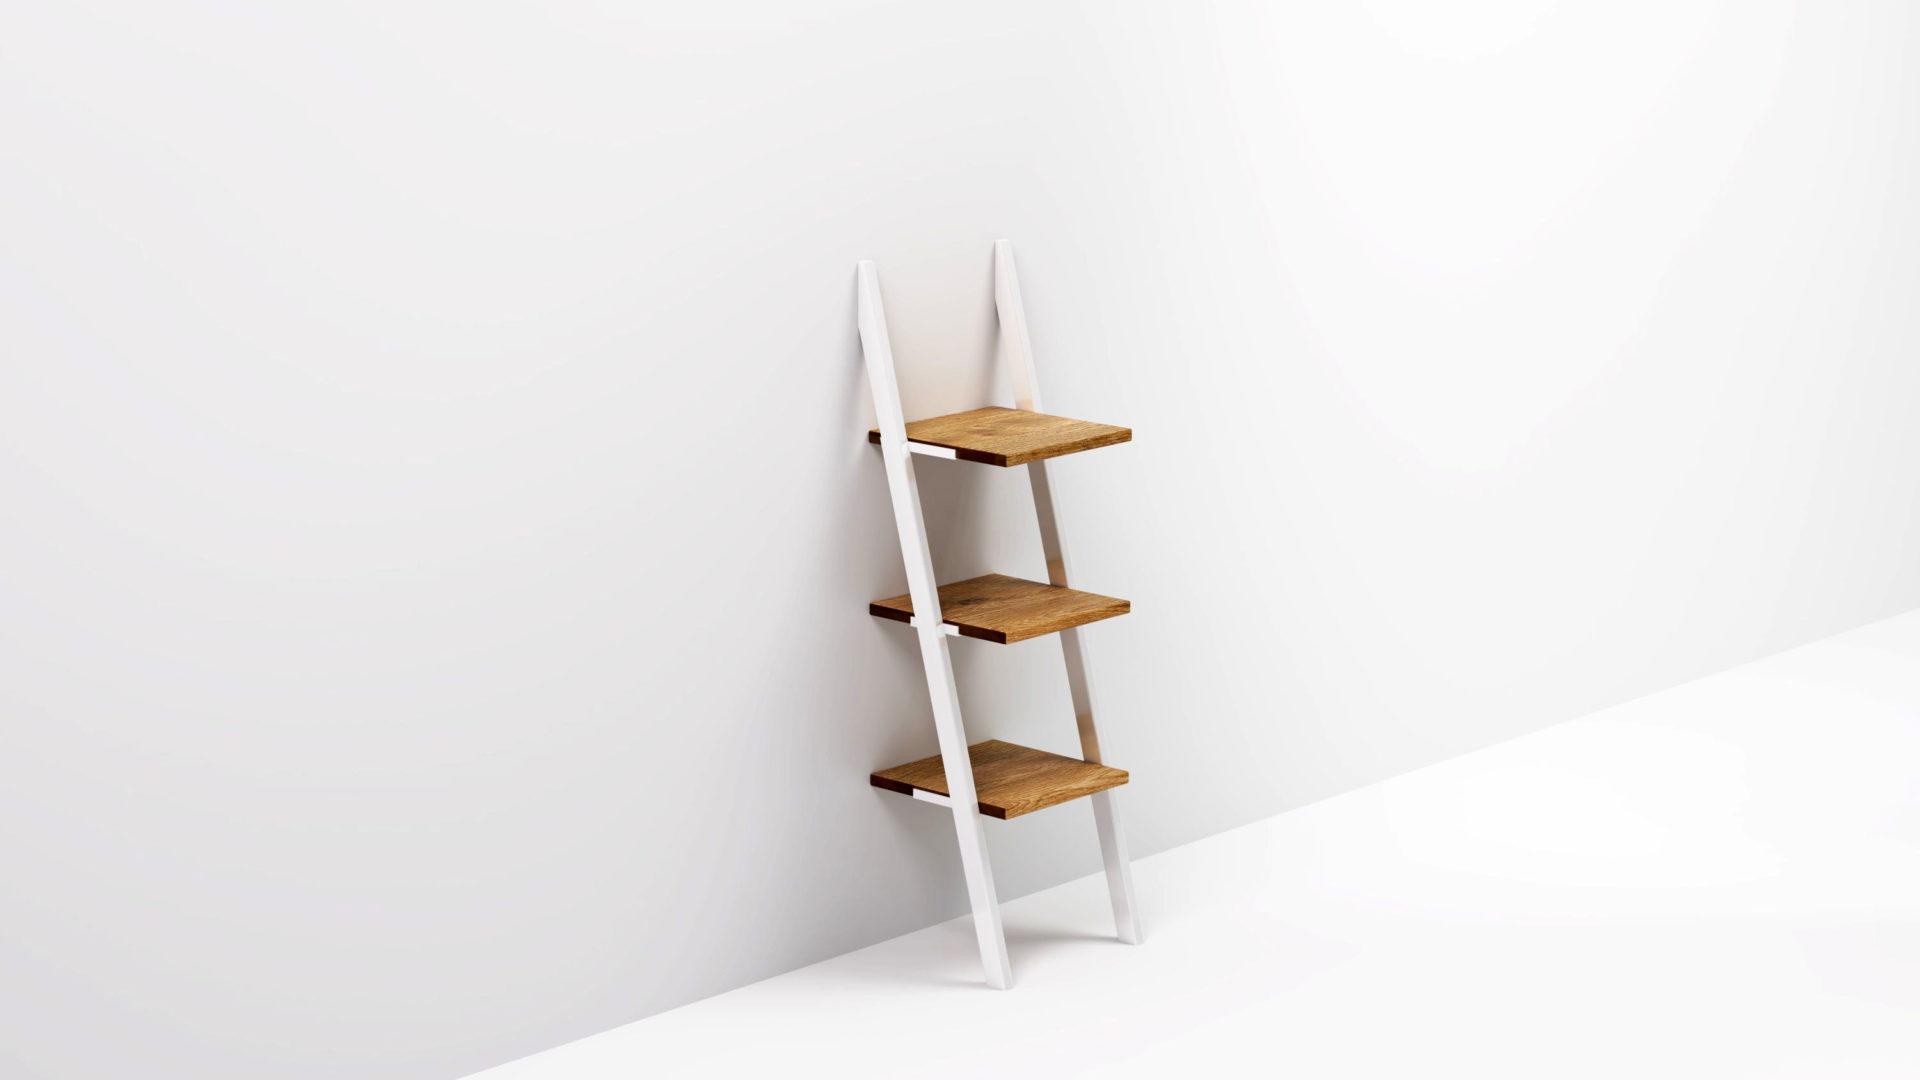 NANI to niewielka półka stojąca z konstrukcją typu drabina. Metalowy stelaż pod kątem opiera się o ścianę przypominając małą drabinkę.